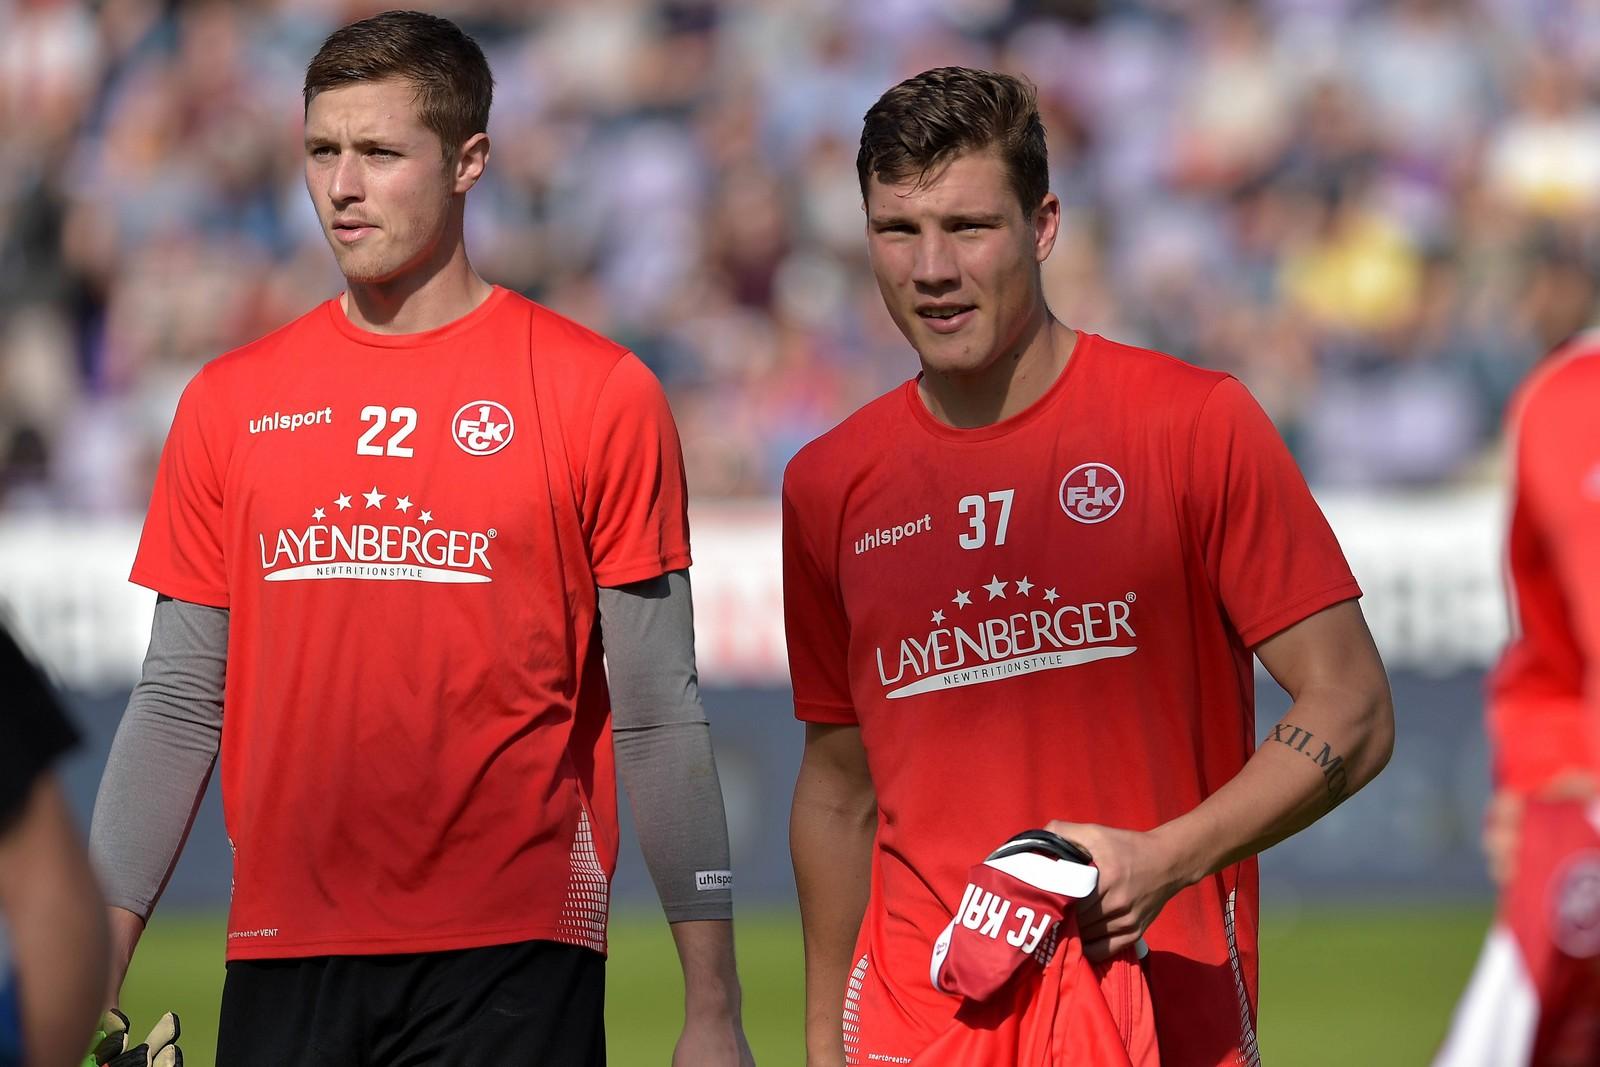 Lennart Grill und Jonas Scholz vom 1. FCK